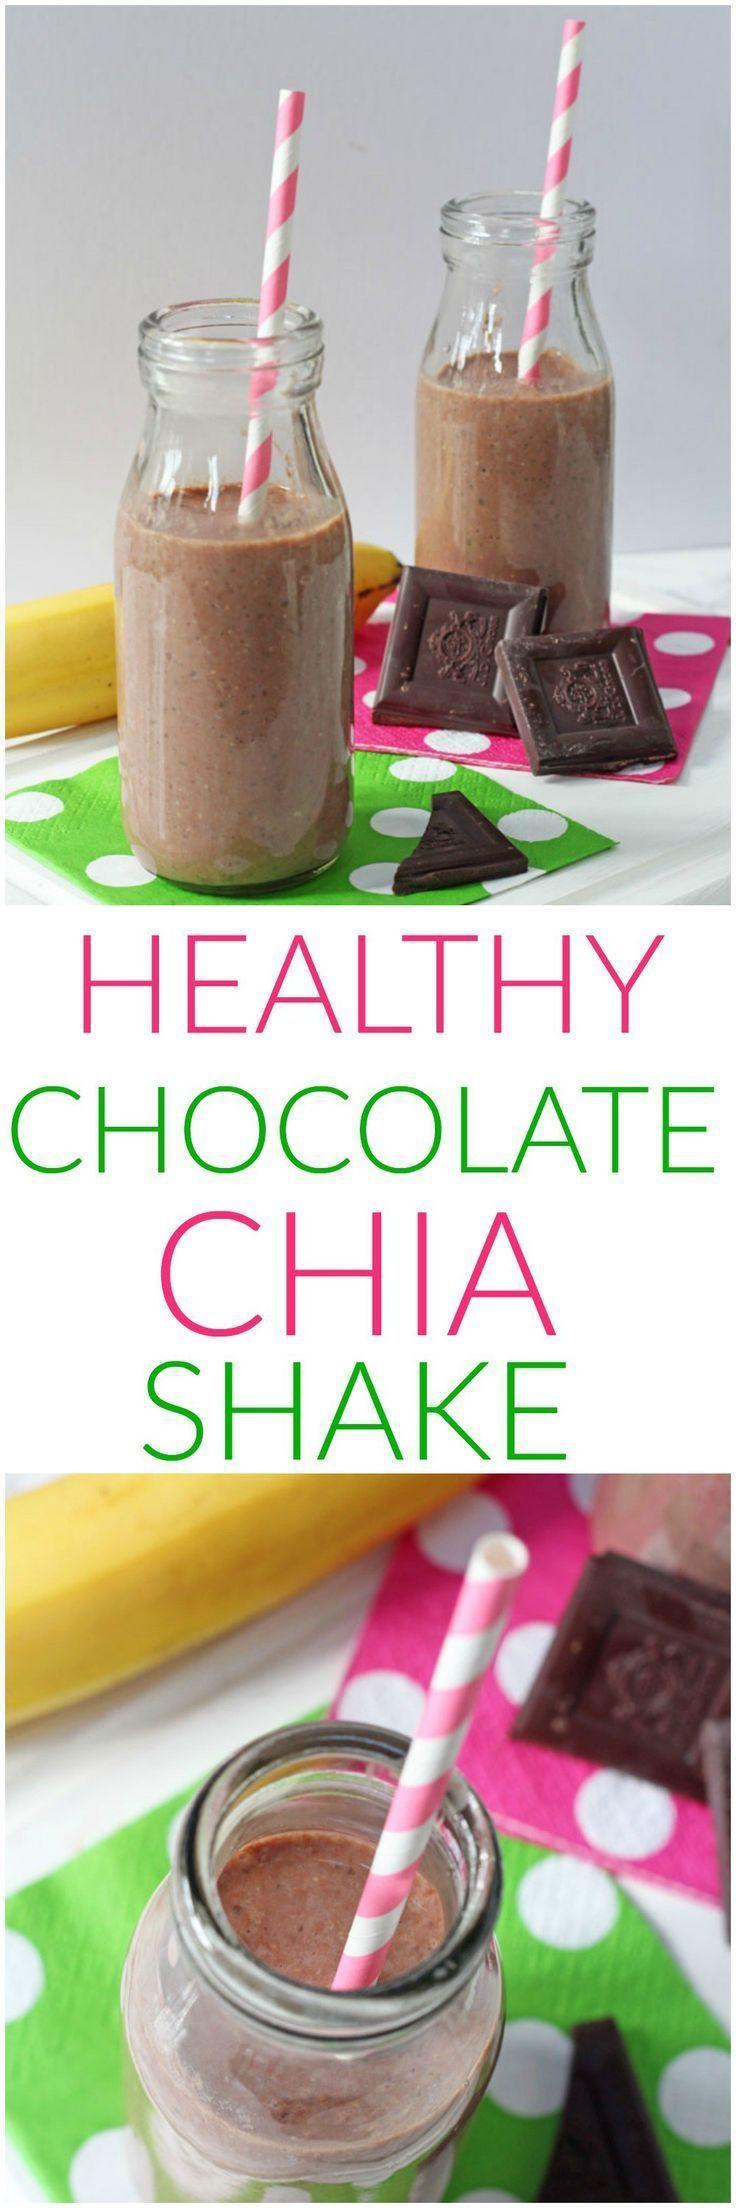 Ein gesunder Schokoladenshake für Kinder voller energiereicher Chiasamen! || Er...  #chiasamen #energiereicher #gesunder #kinder #schokoladenshake #voller, #healthychocolateshakes